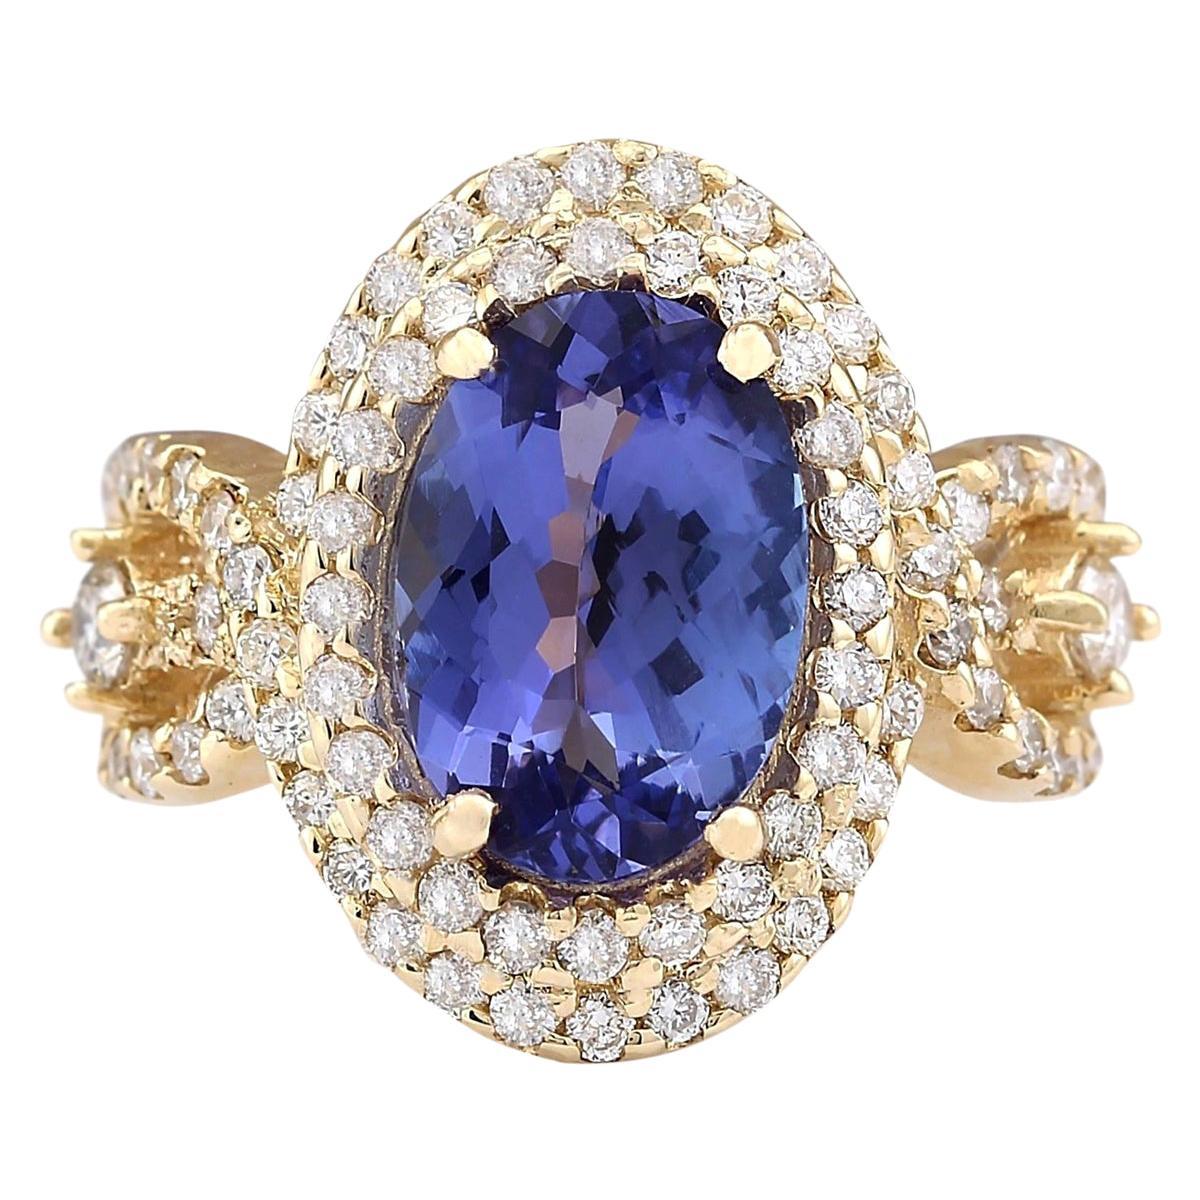 5.11 Carat Natural Tanzanite 18 Karat Yellow Gold Diamond Ring